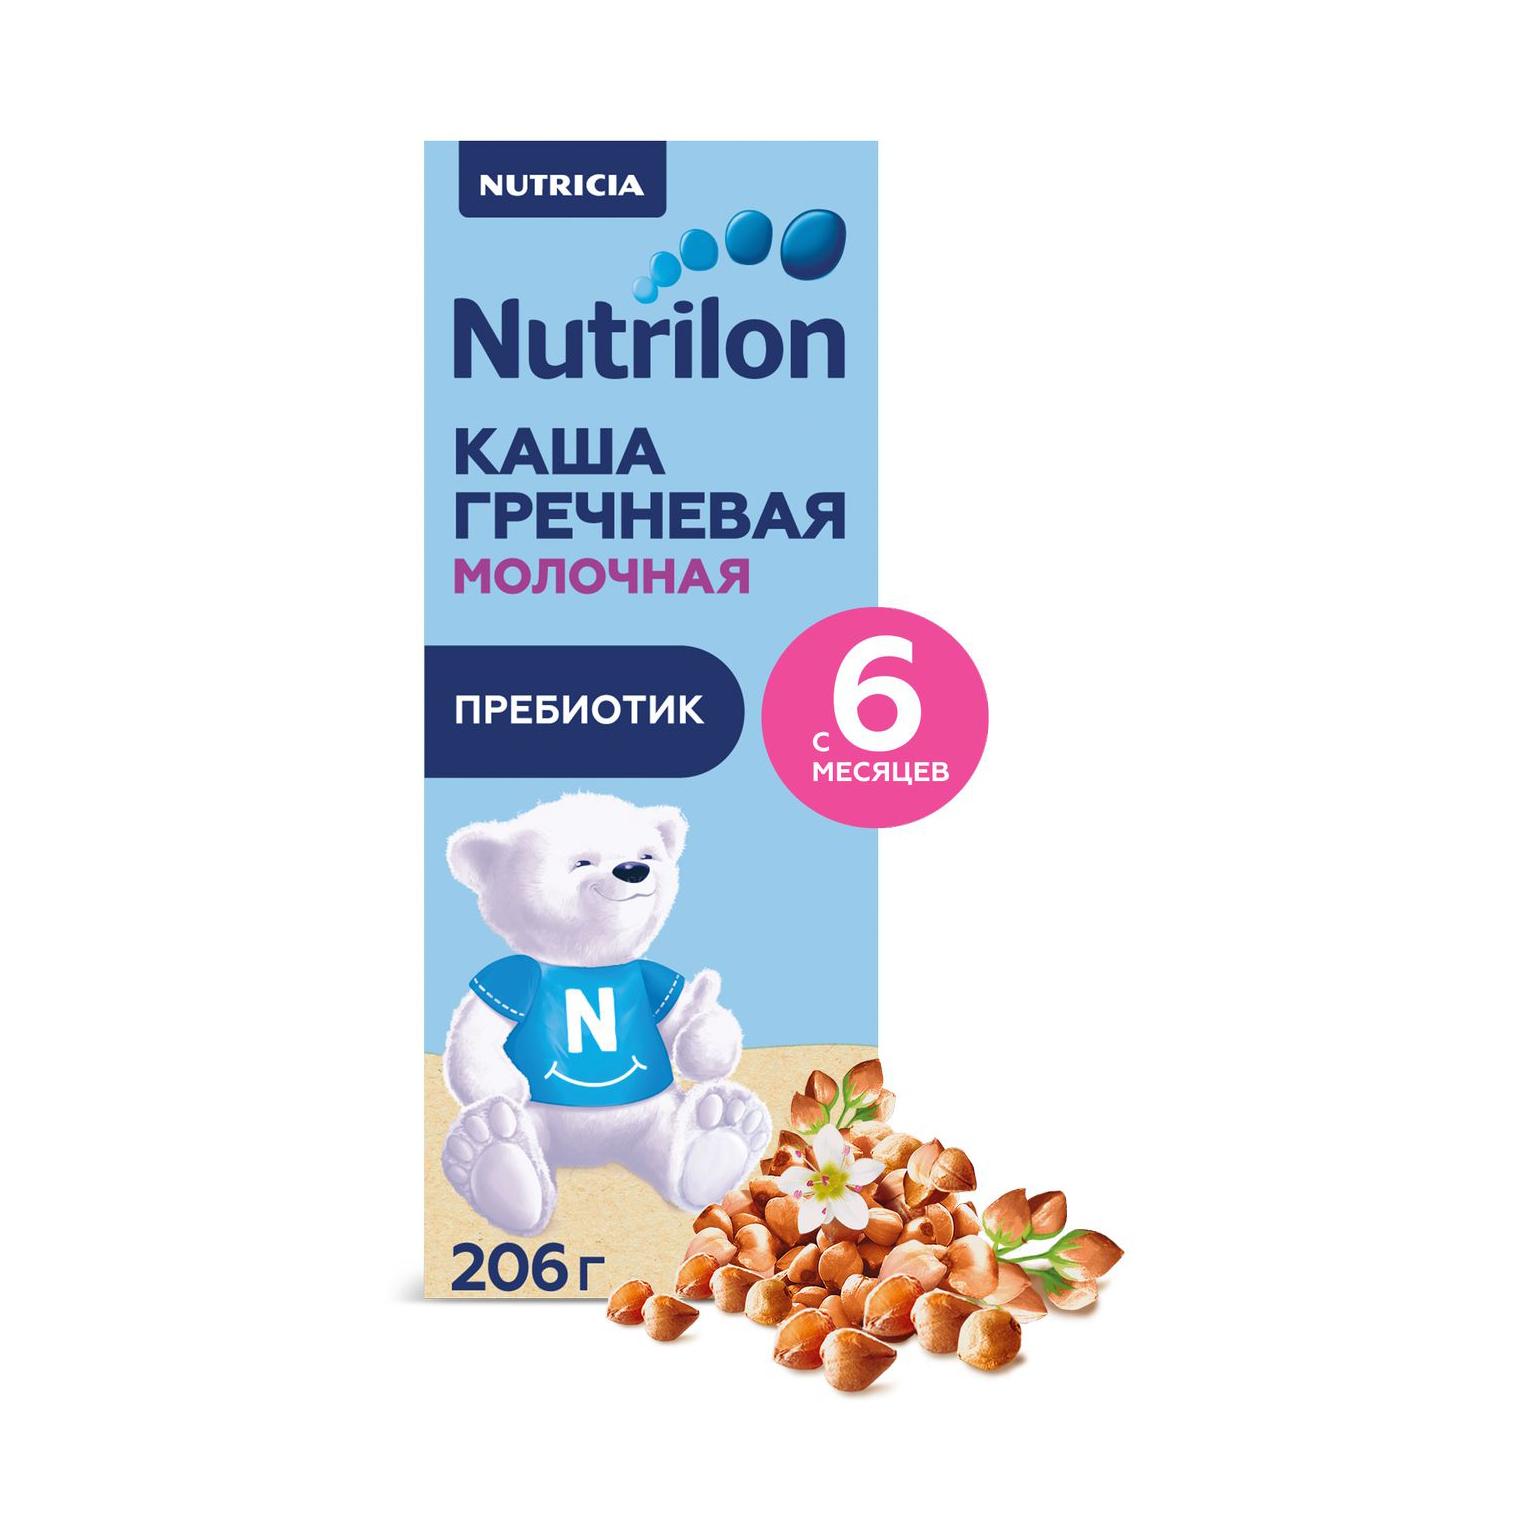 Фото - Каша Nutrilon молочная гречневая с 6 месяцев 206 г каша nutrilon молочная гречневая с 6 месяцев 200 г